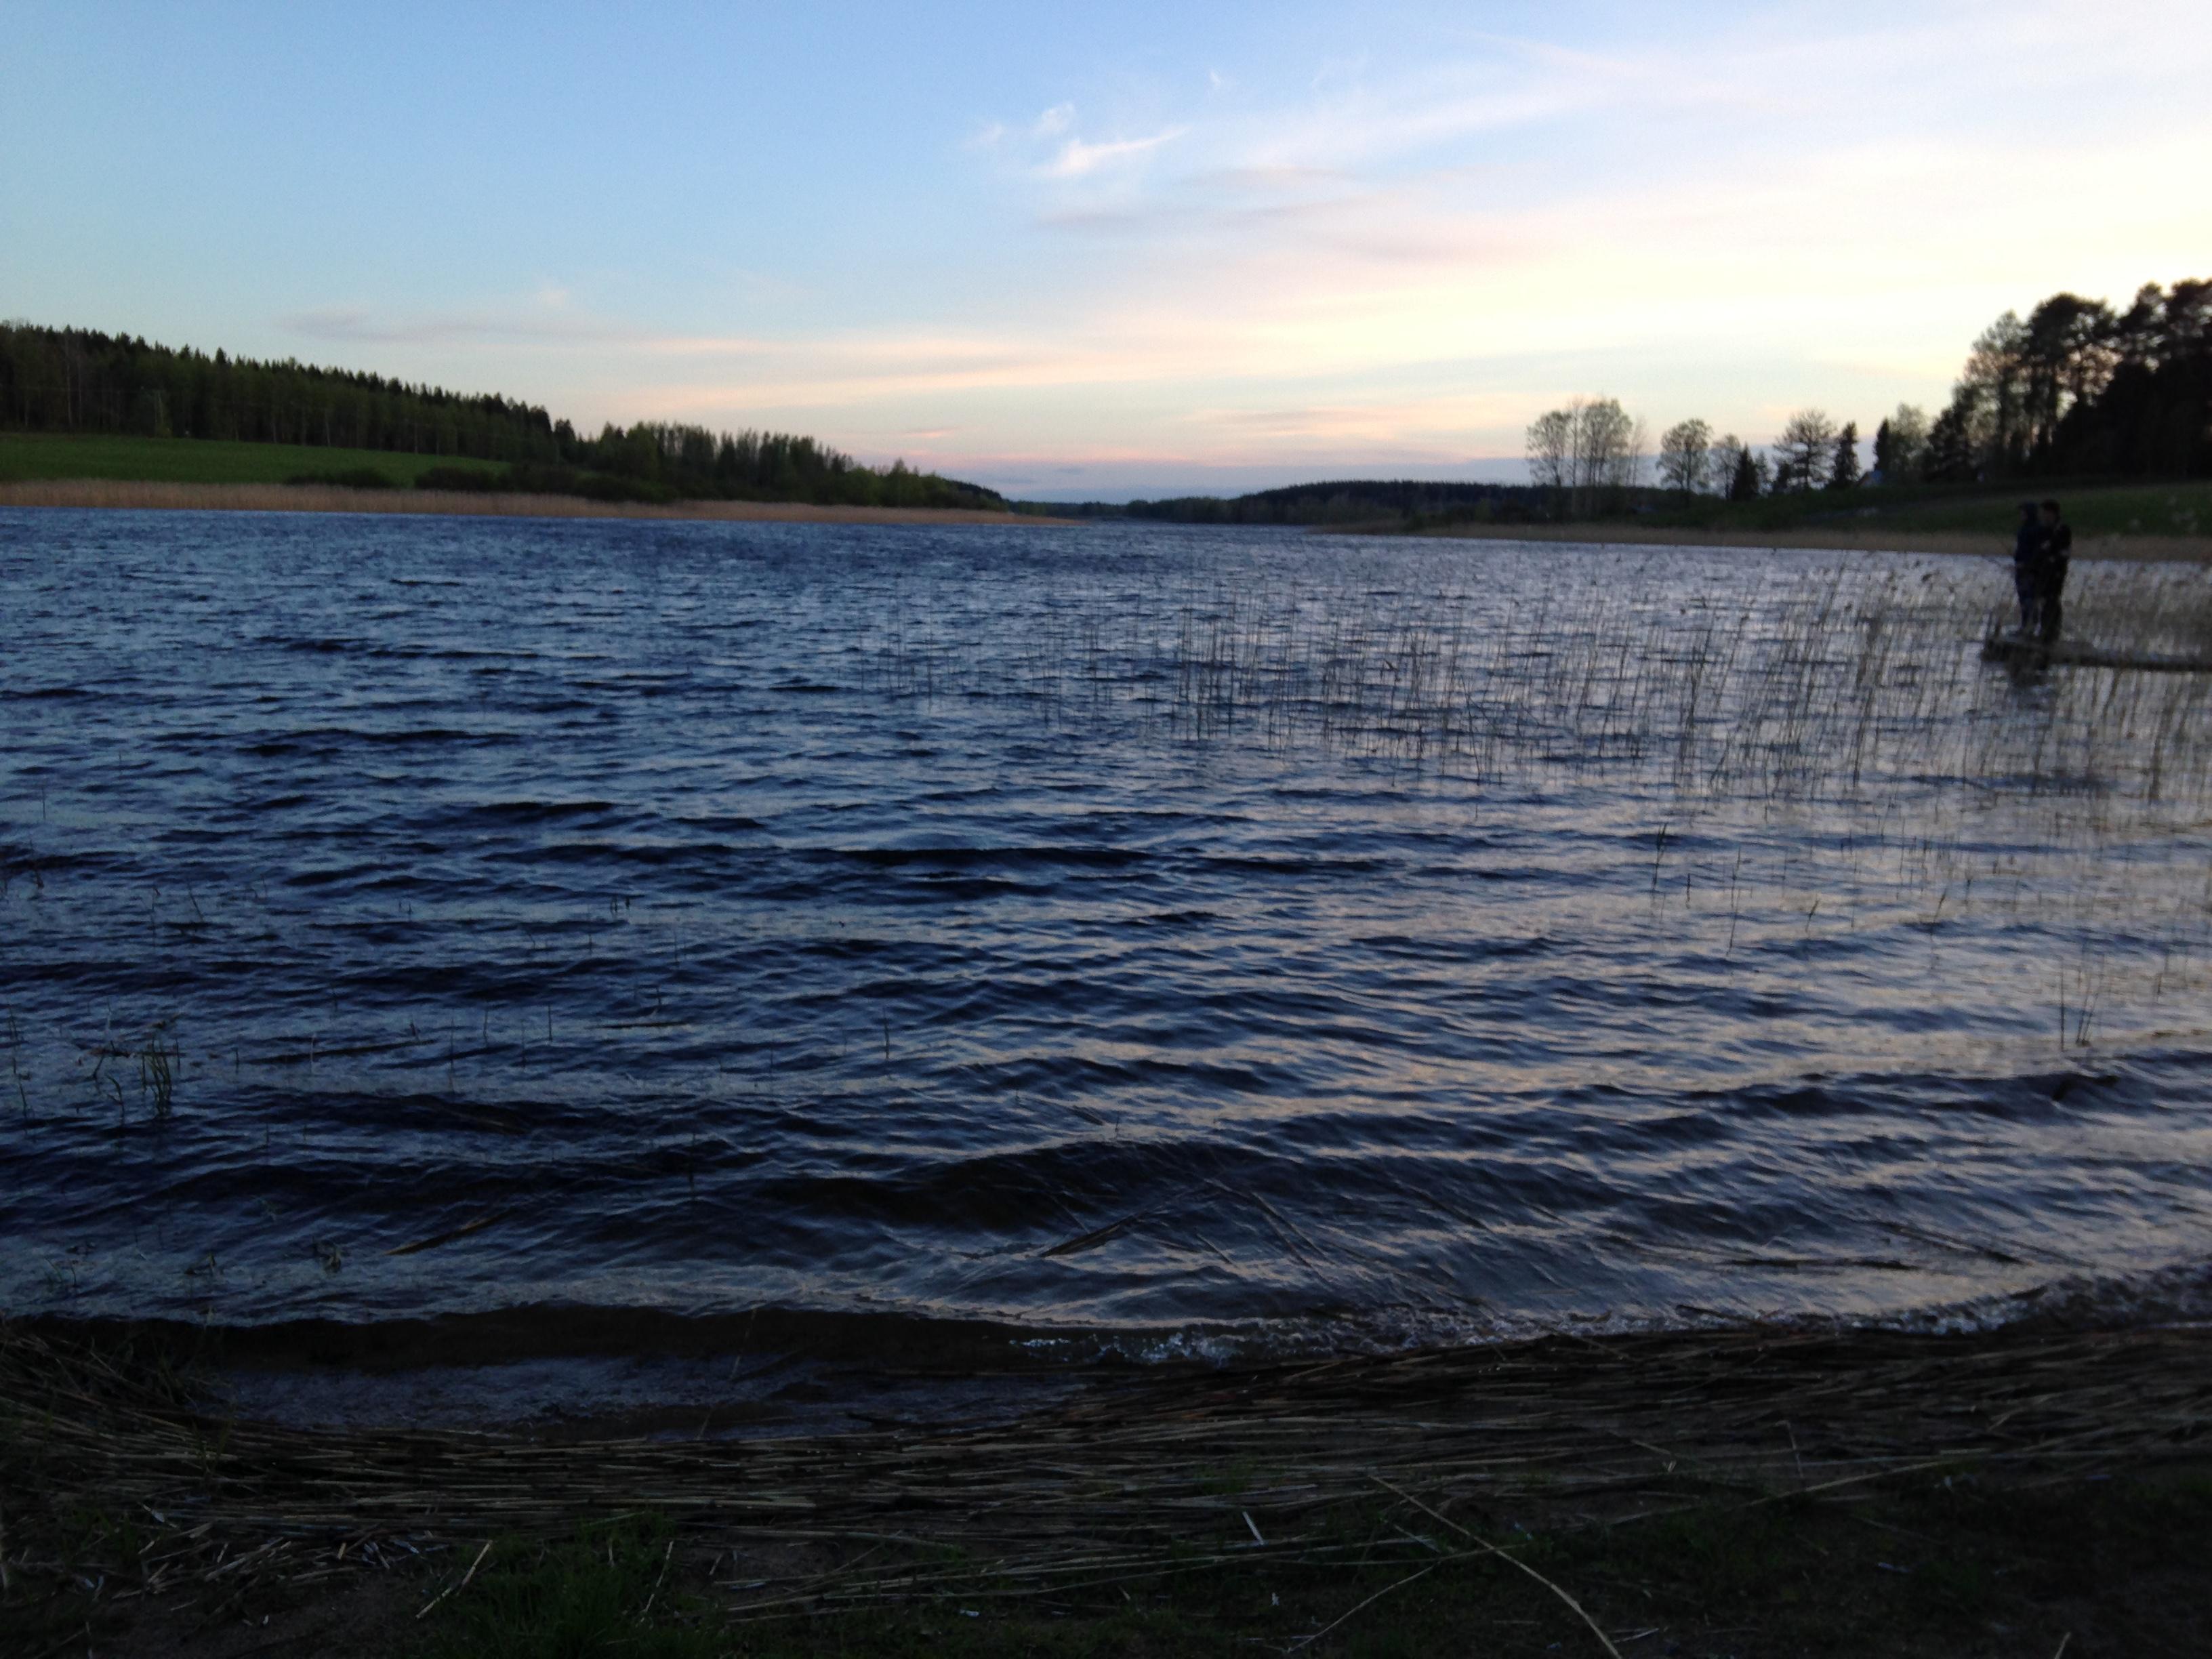 coût de la vie en Finlande